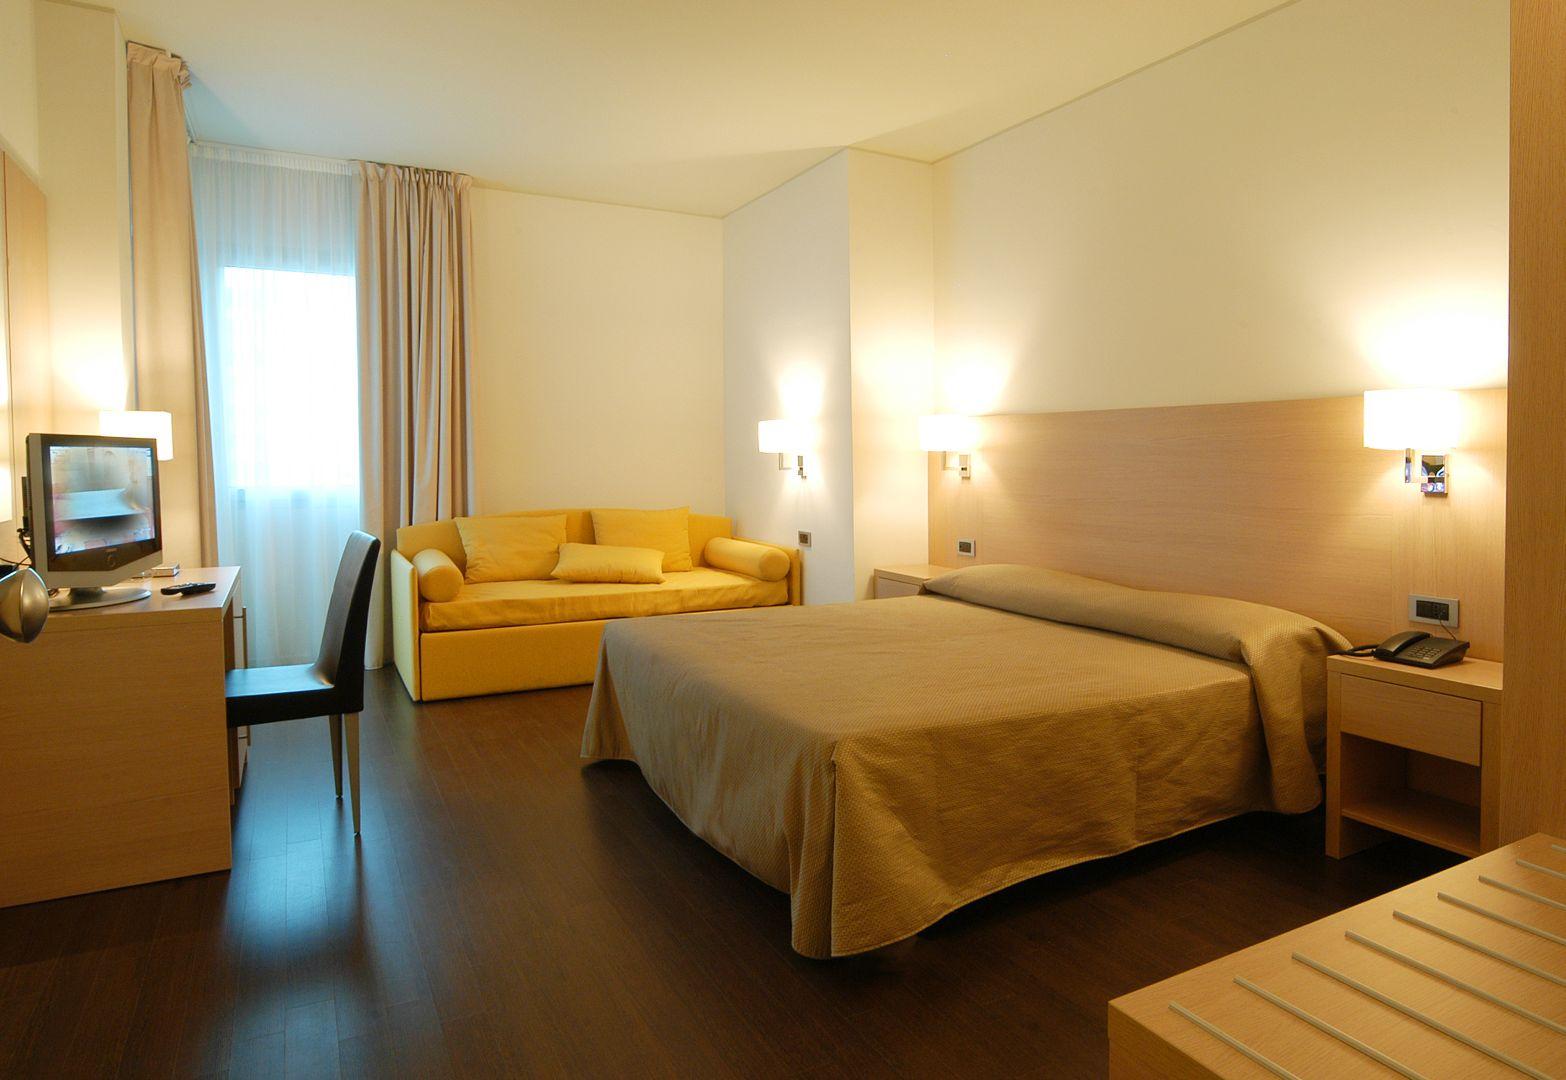 Hotel Flaminio Pesaro Spa